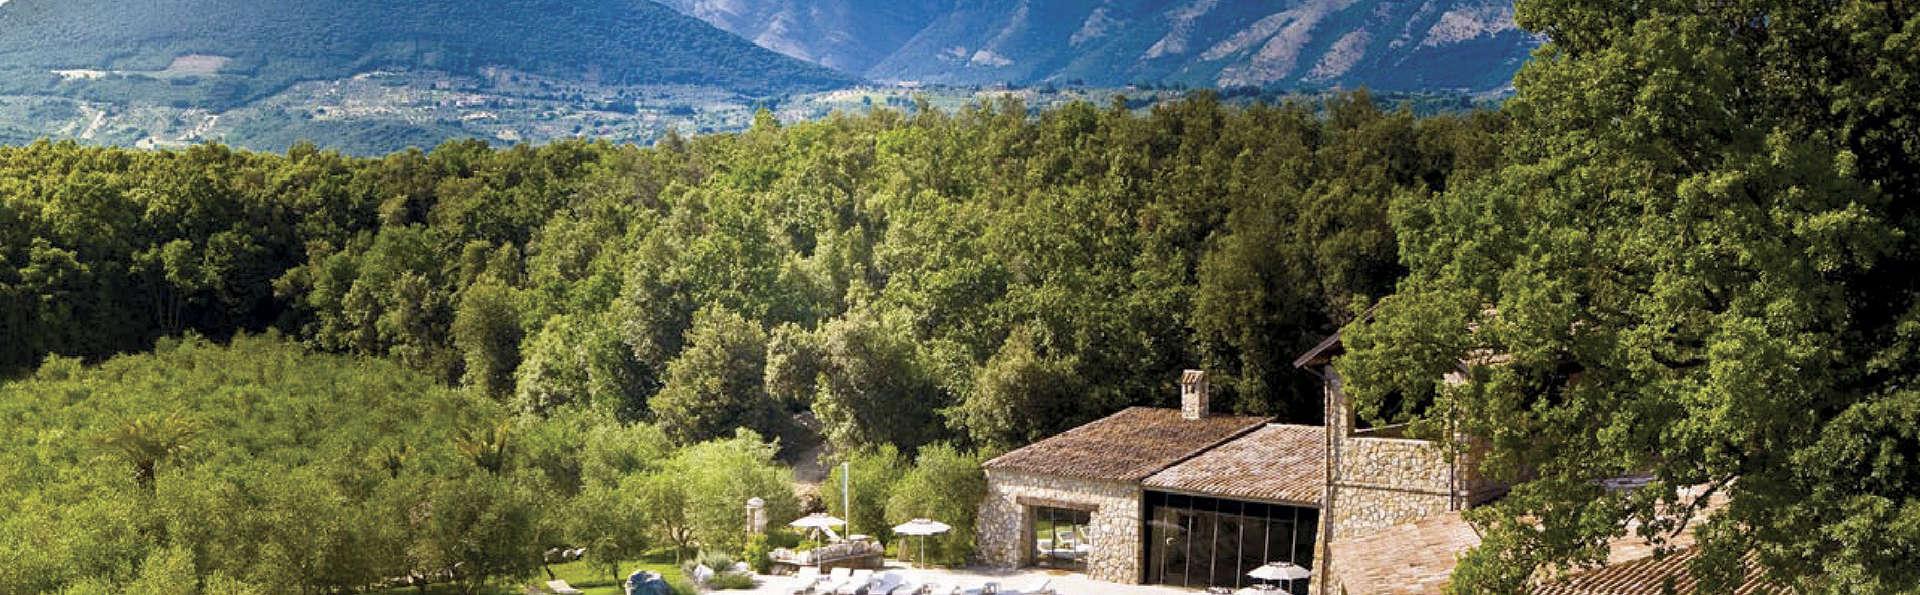 Aquapetra Resort & Spa - EDIT_NEW_VIEW.jpg